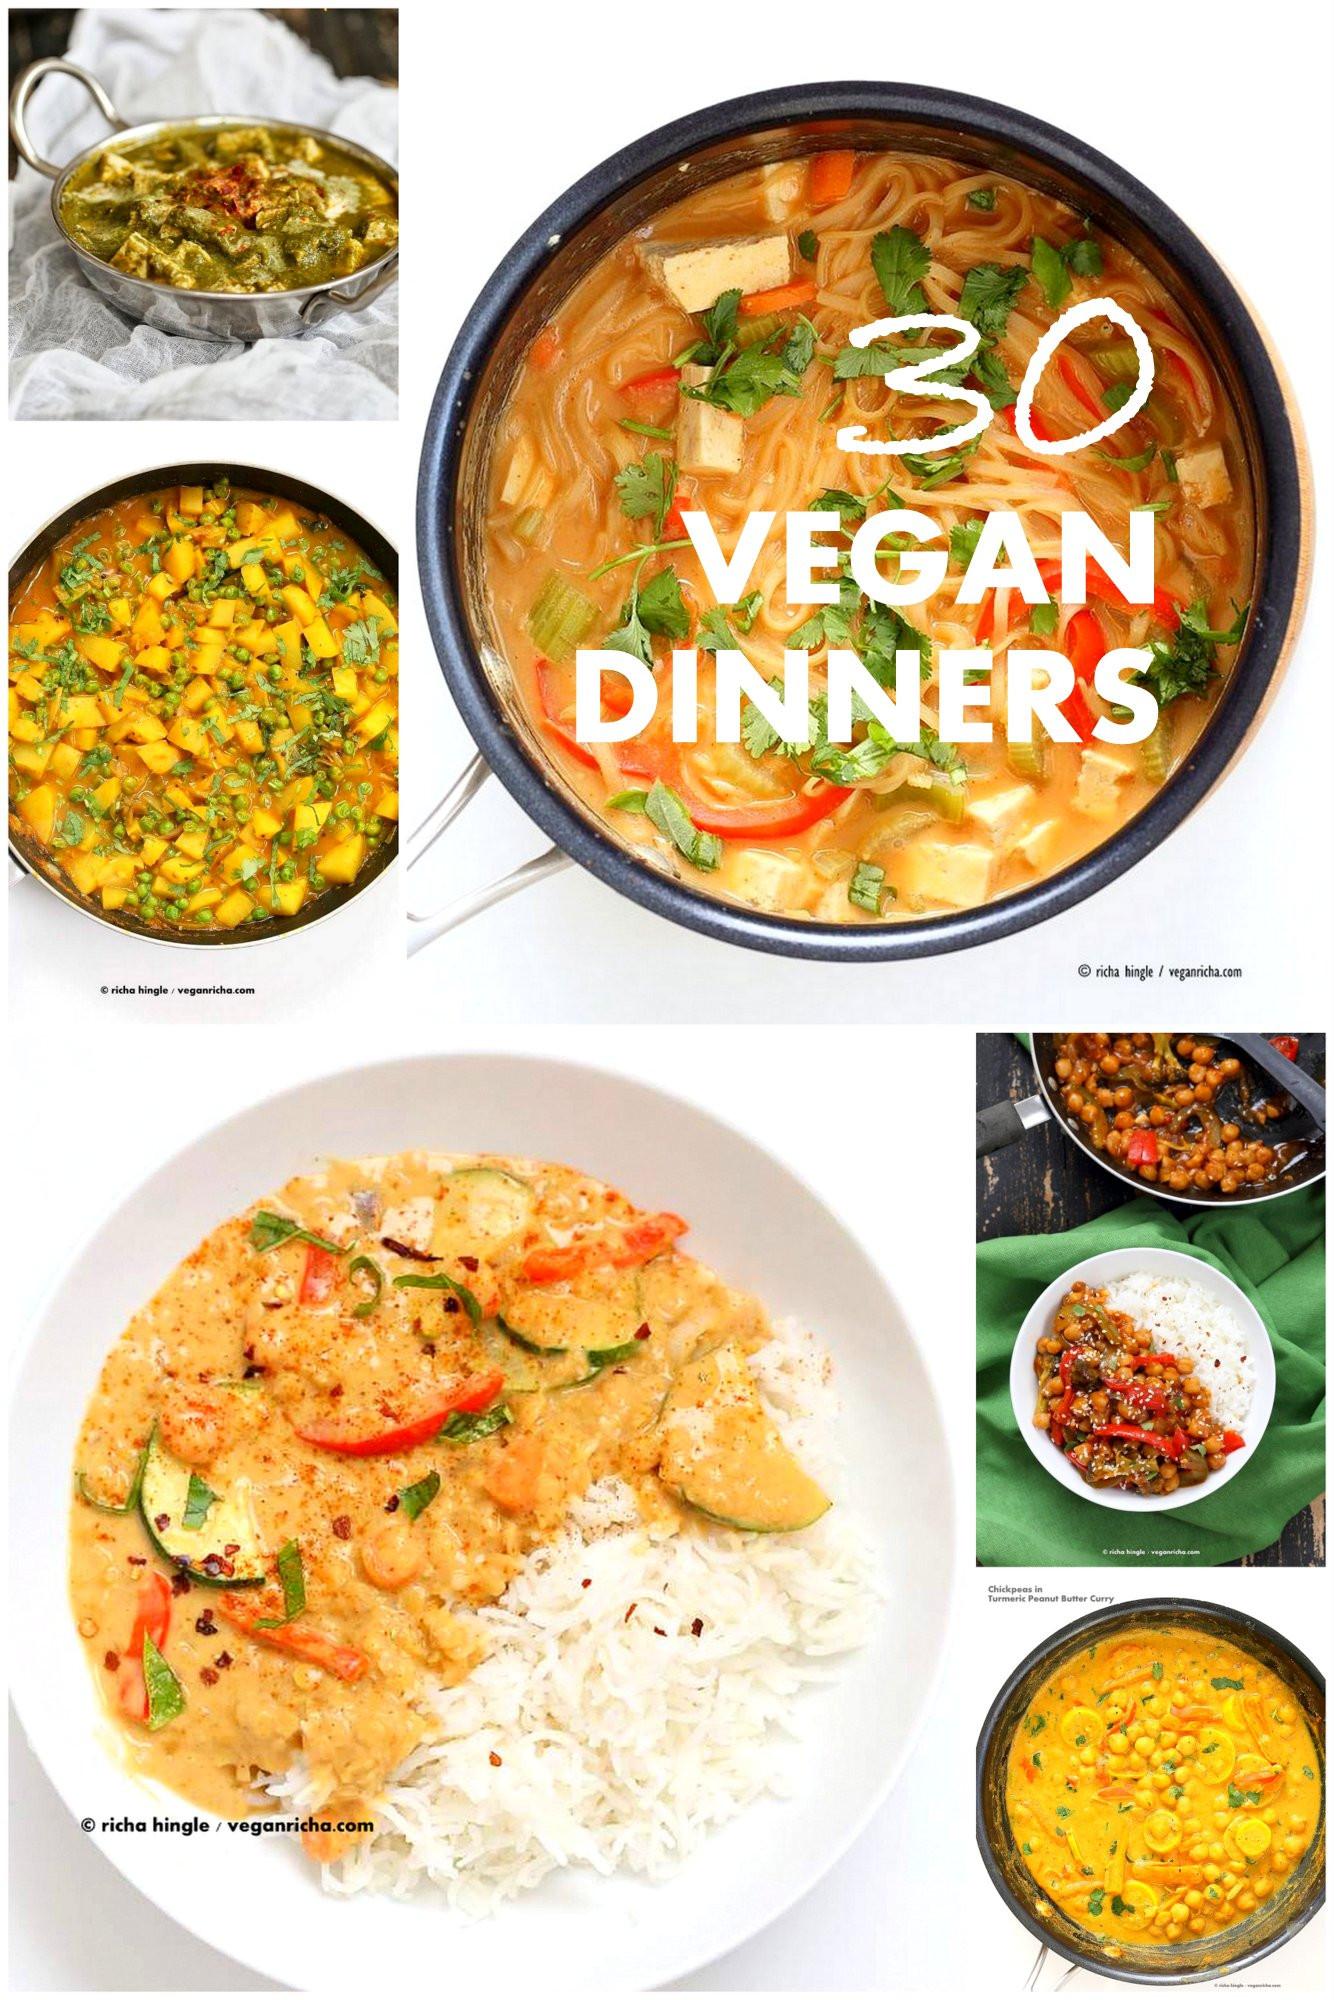 Vegan Recipes For Dinner  30 Easy Vegan Dinner Recipes Vegan Richa